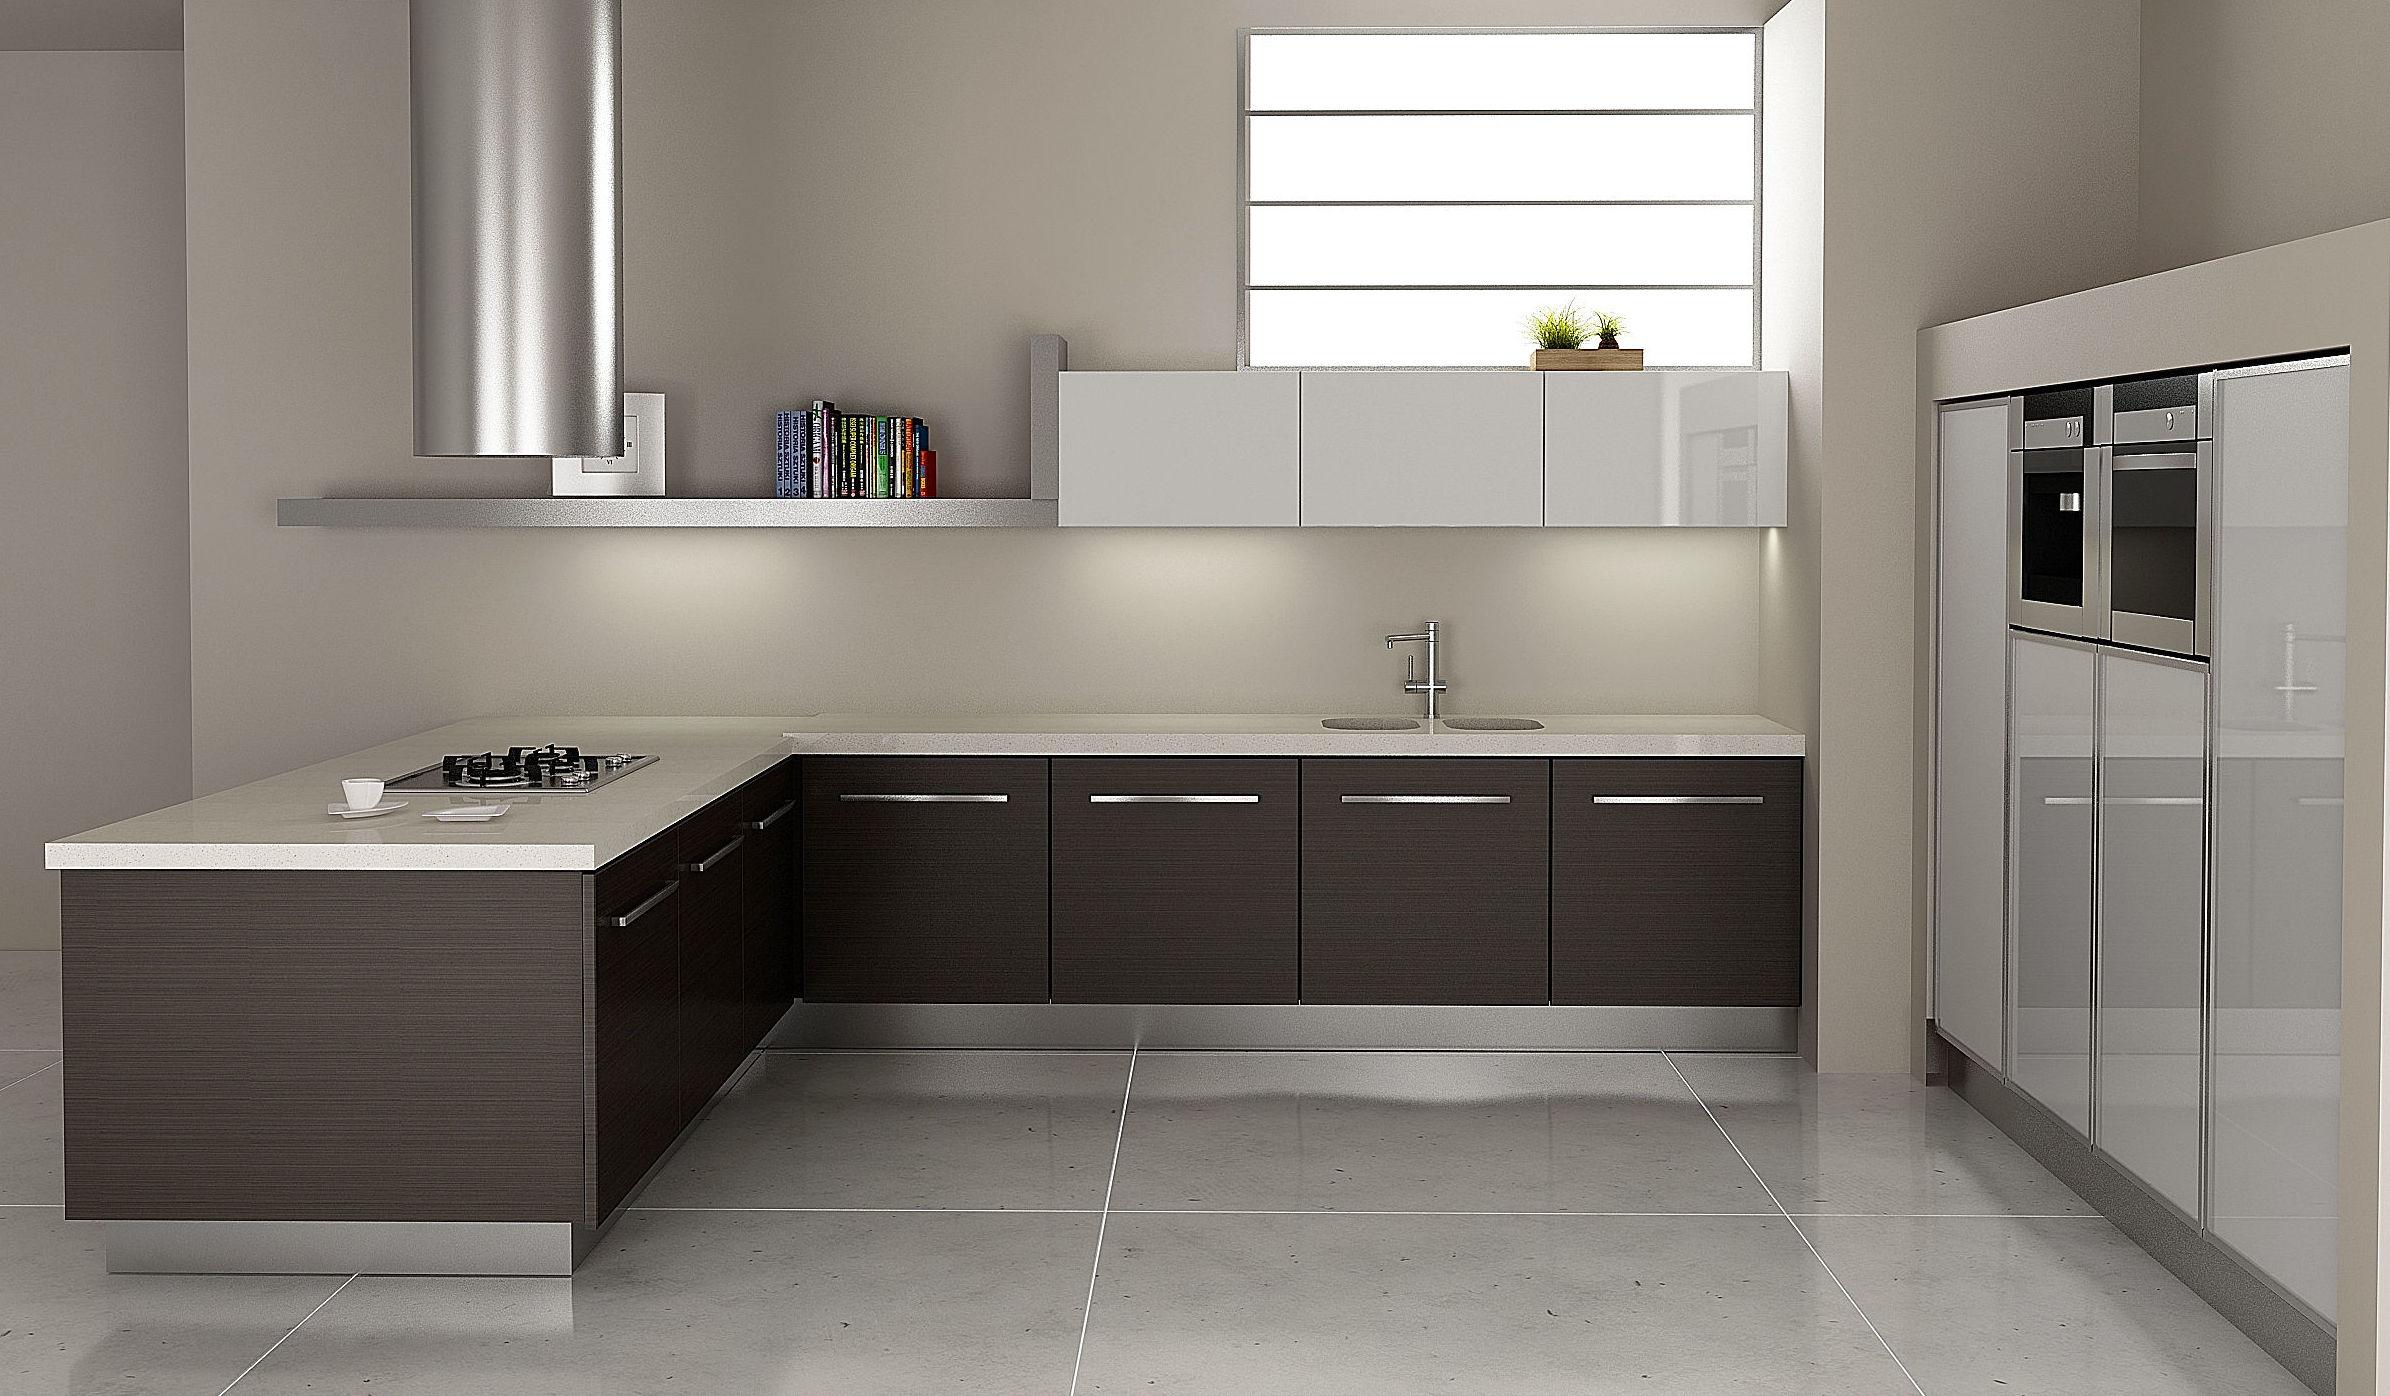 Foto 6 de muebles de cocina en madrid lessia decoraci n - Muebles de cocina en madrid ...